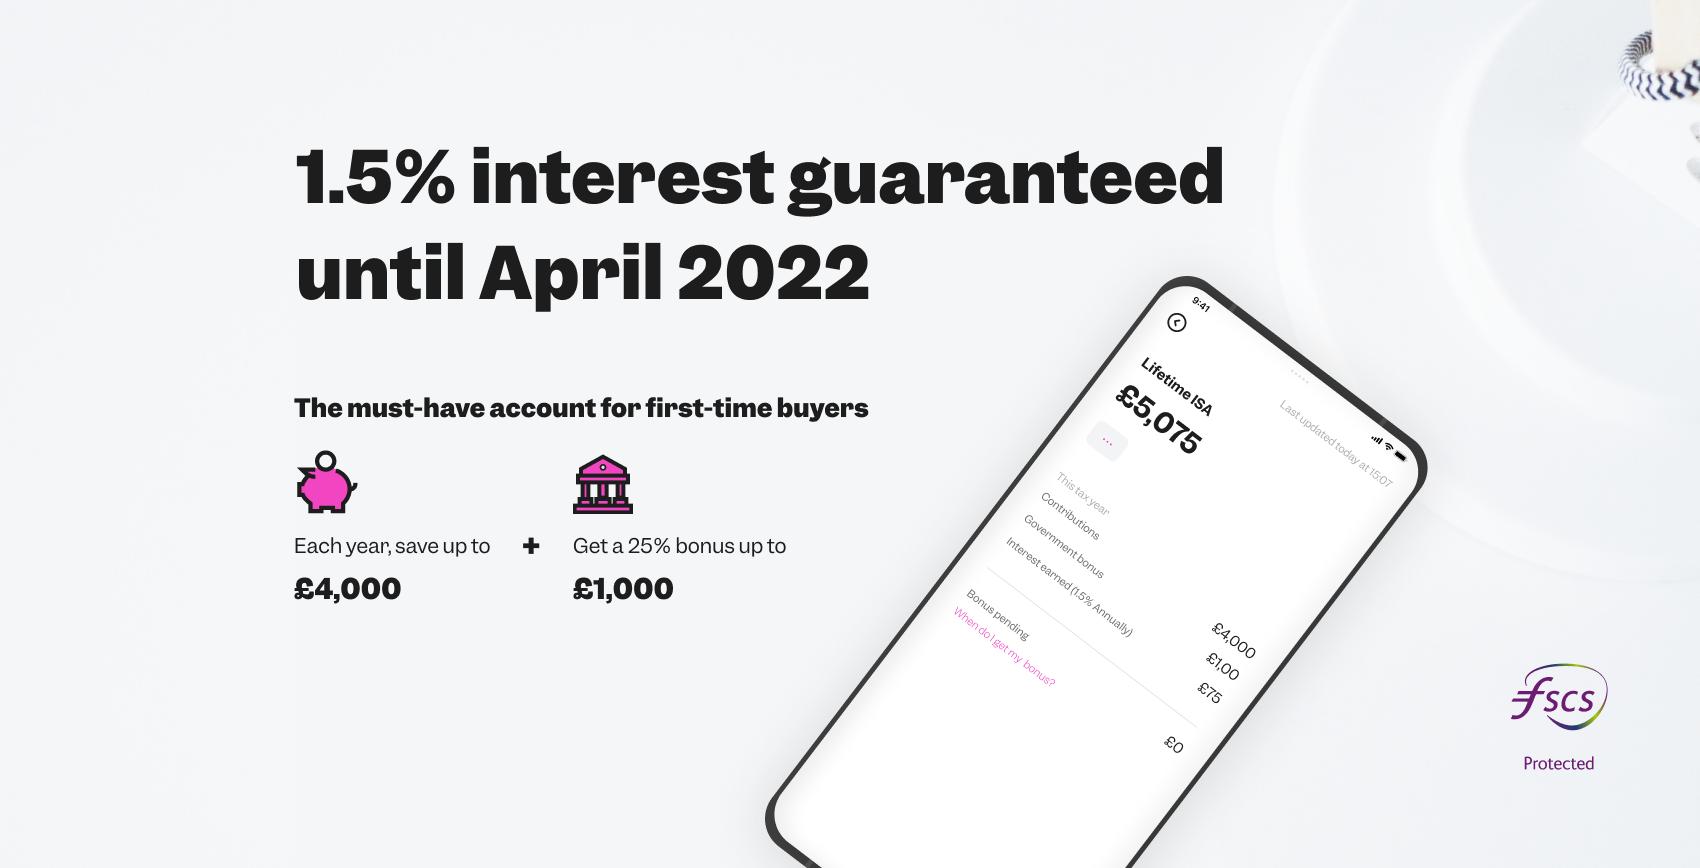 1.5% interest guaranteed until April 2022